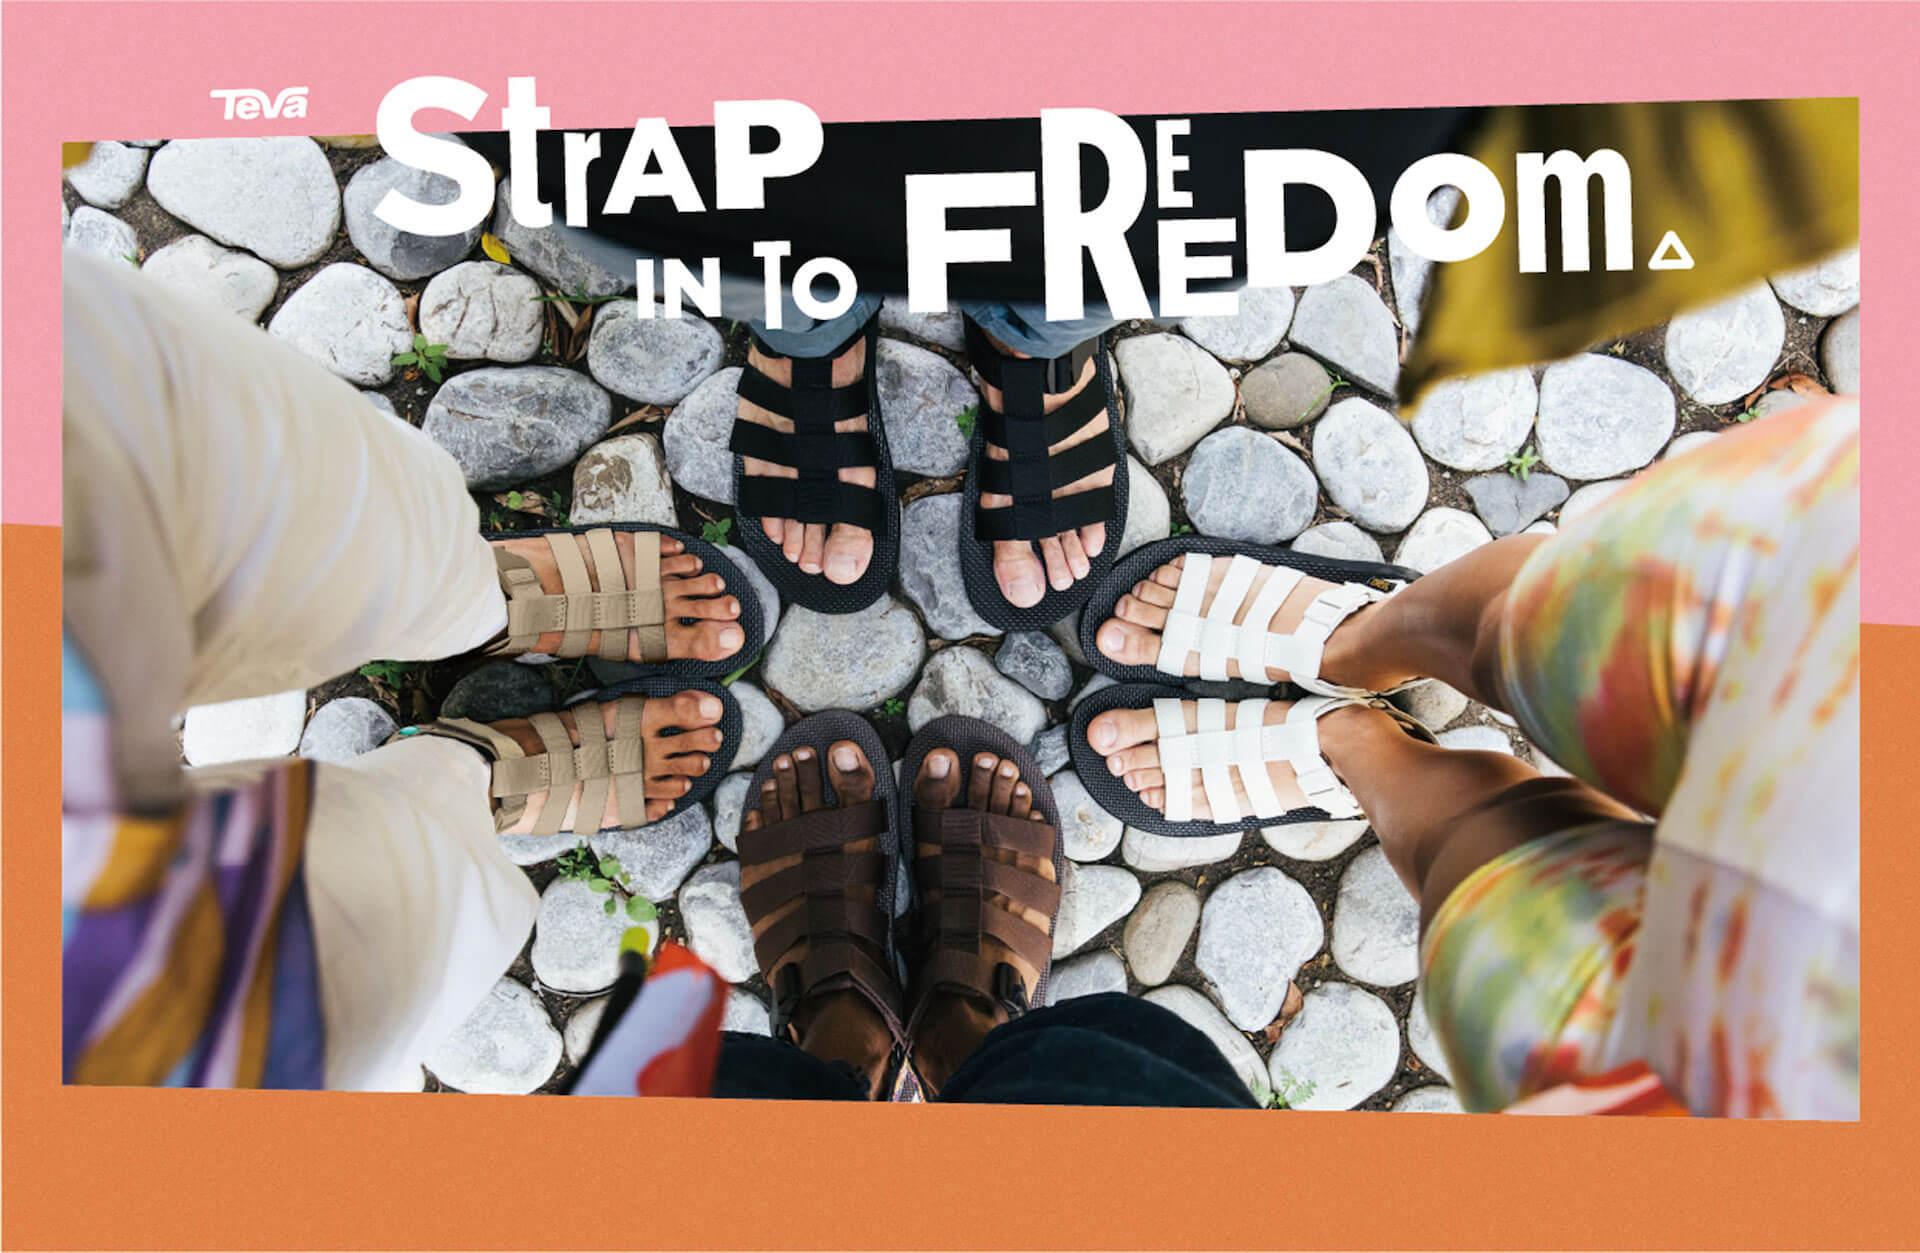 Tevaのアイテムをコーディネートした写真をInstagramに投稿して冒険の旅へ!<STRAP IN TO FREEDOM #テバと冒険>スタート life200228_teva_4